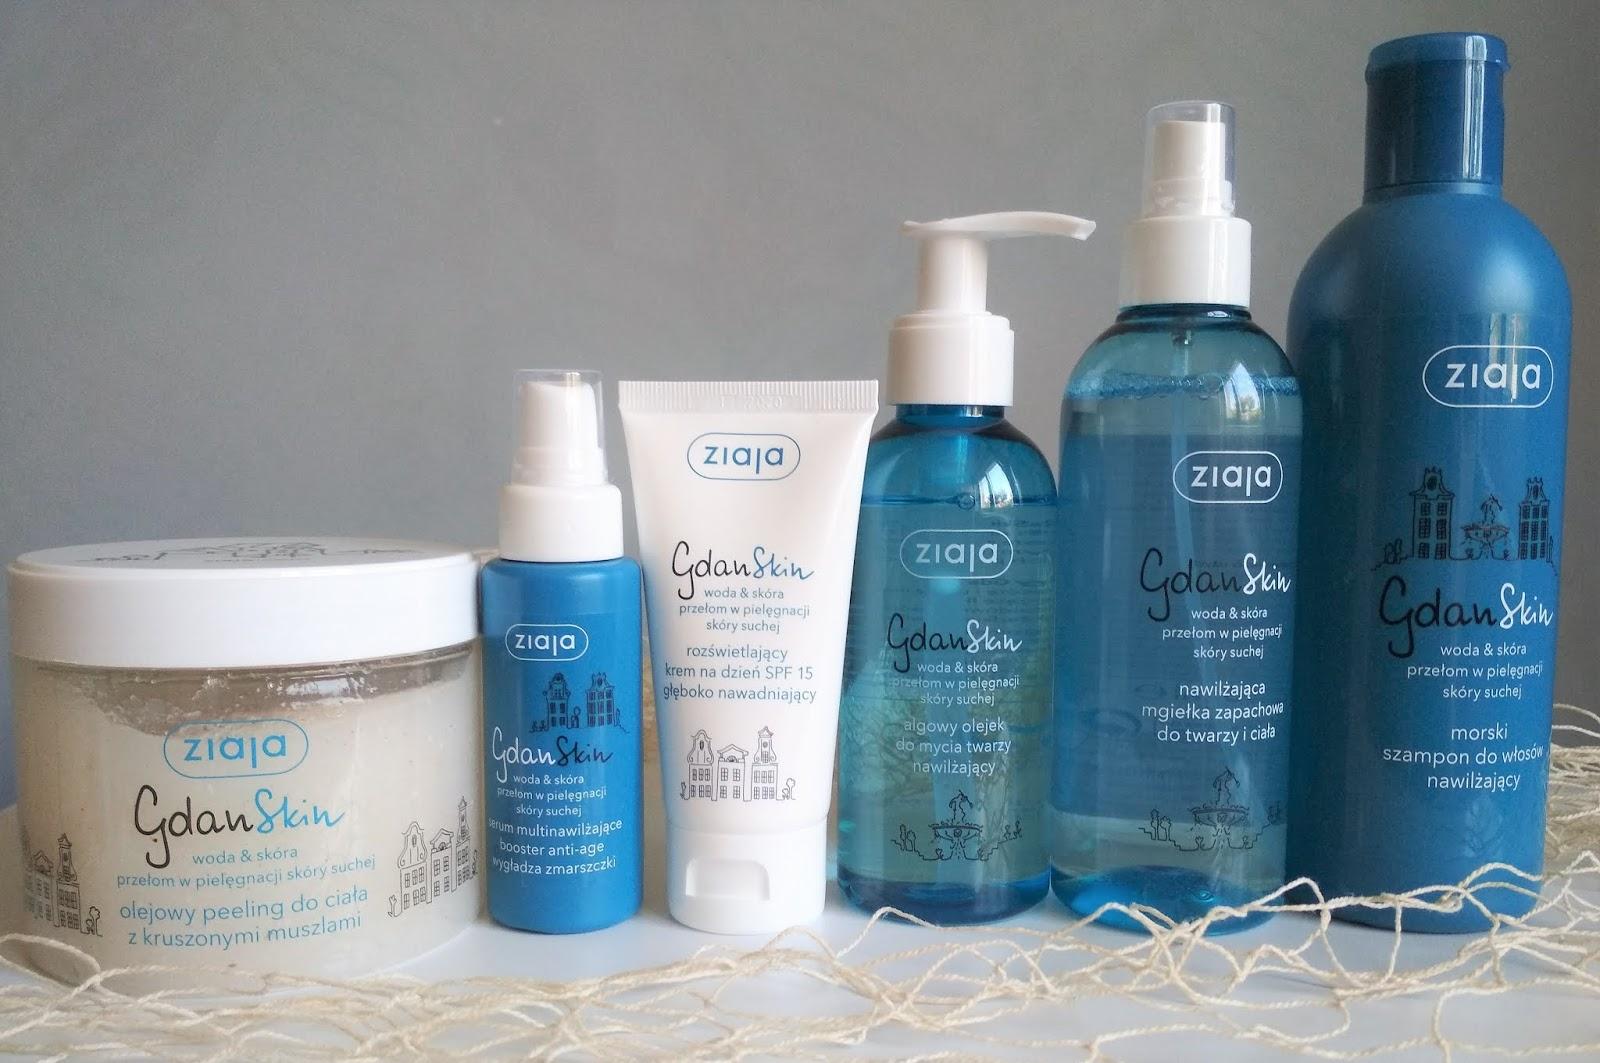 GdanSkin, ziaja gdanskin, nowa linia kosmetyków ziaja, nowości kosmetyczne, skóra sucha, zakupy, box kosmetyczny, pudełko z kosmetykami, gdanskin nowości kosmetyczne,